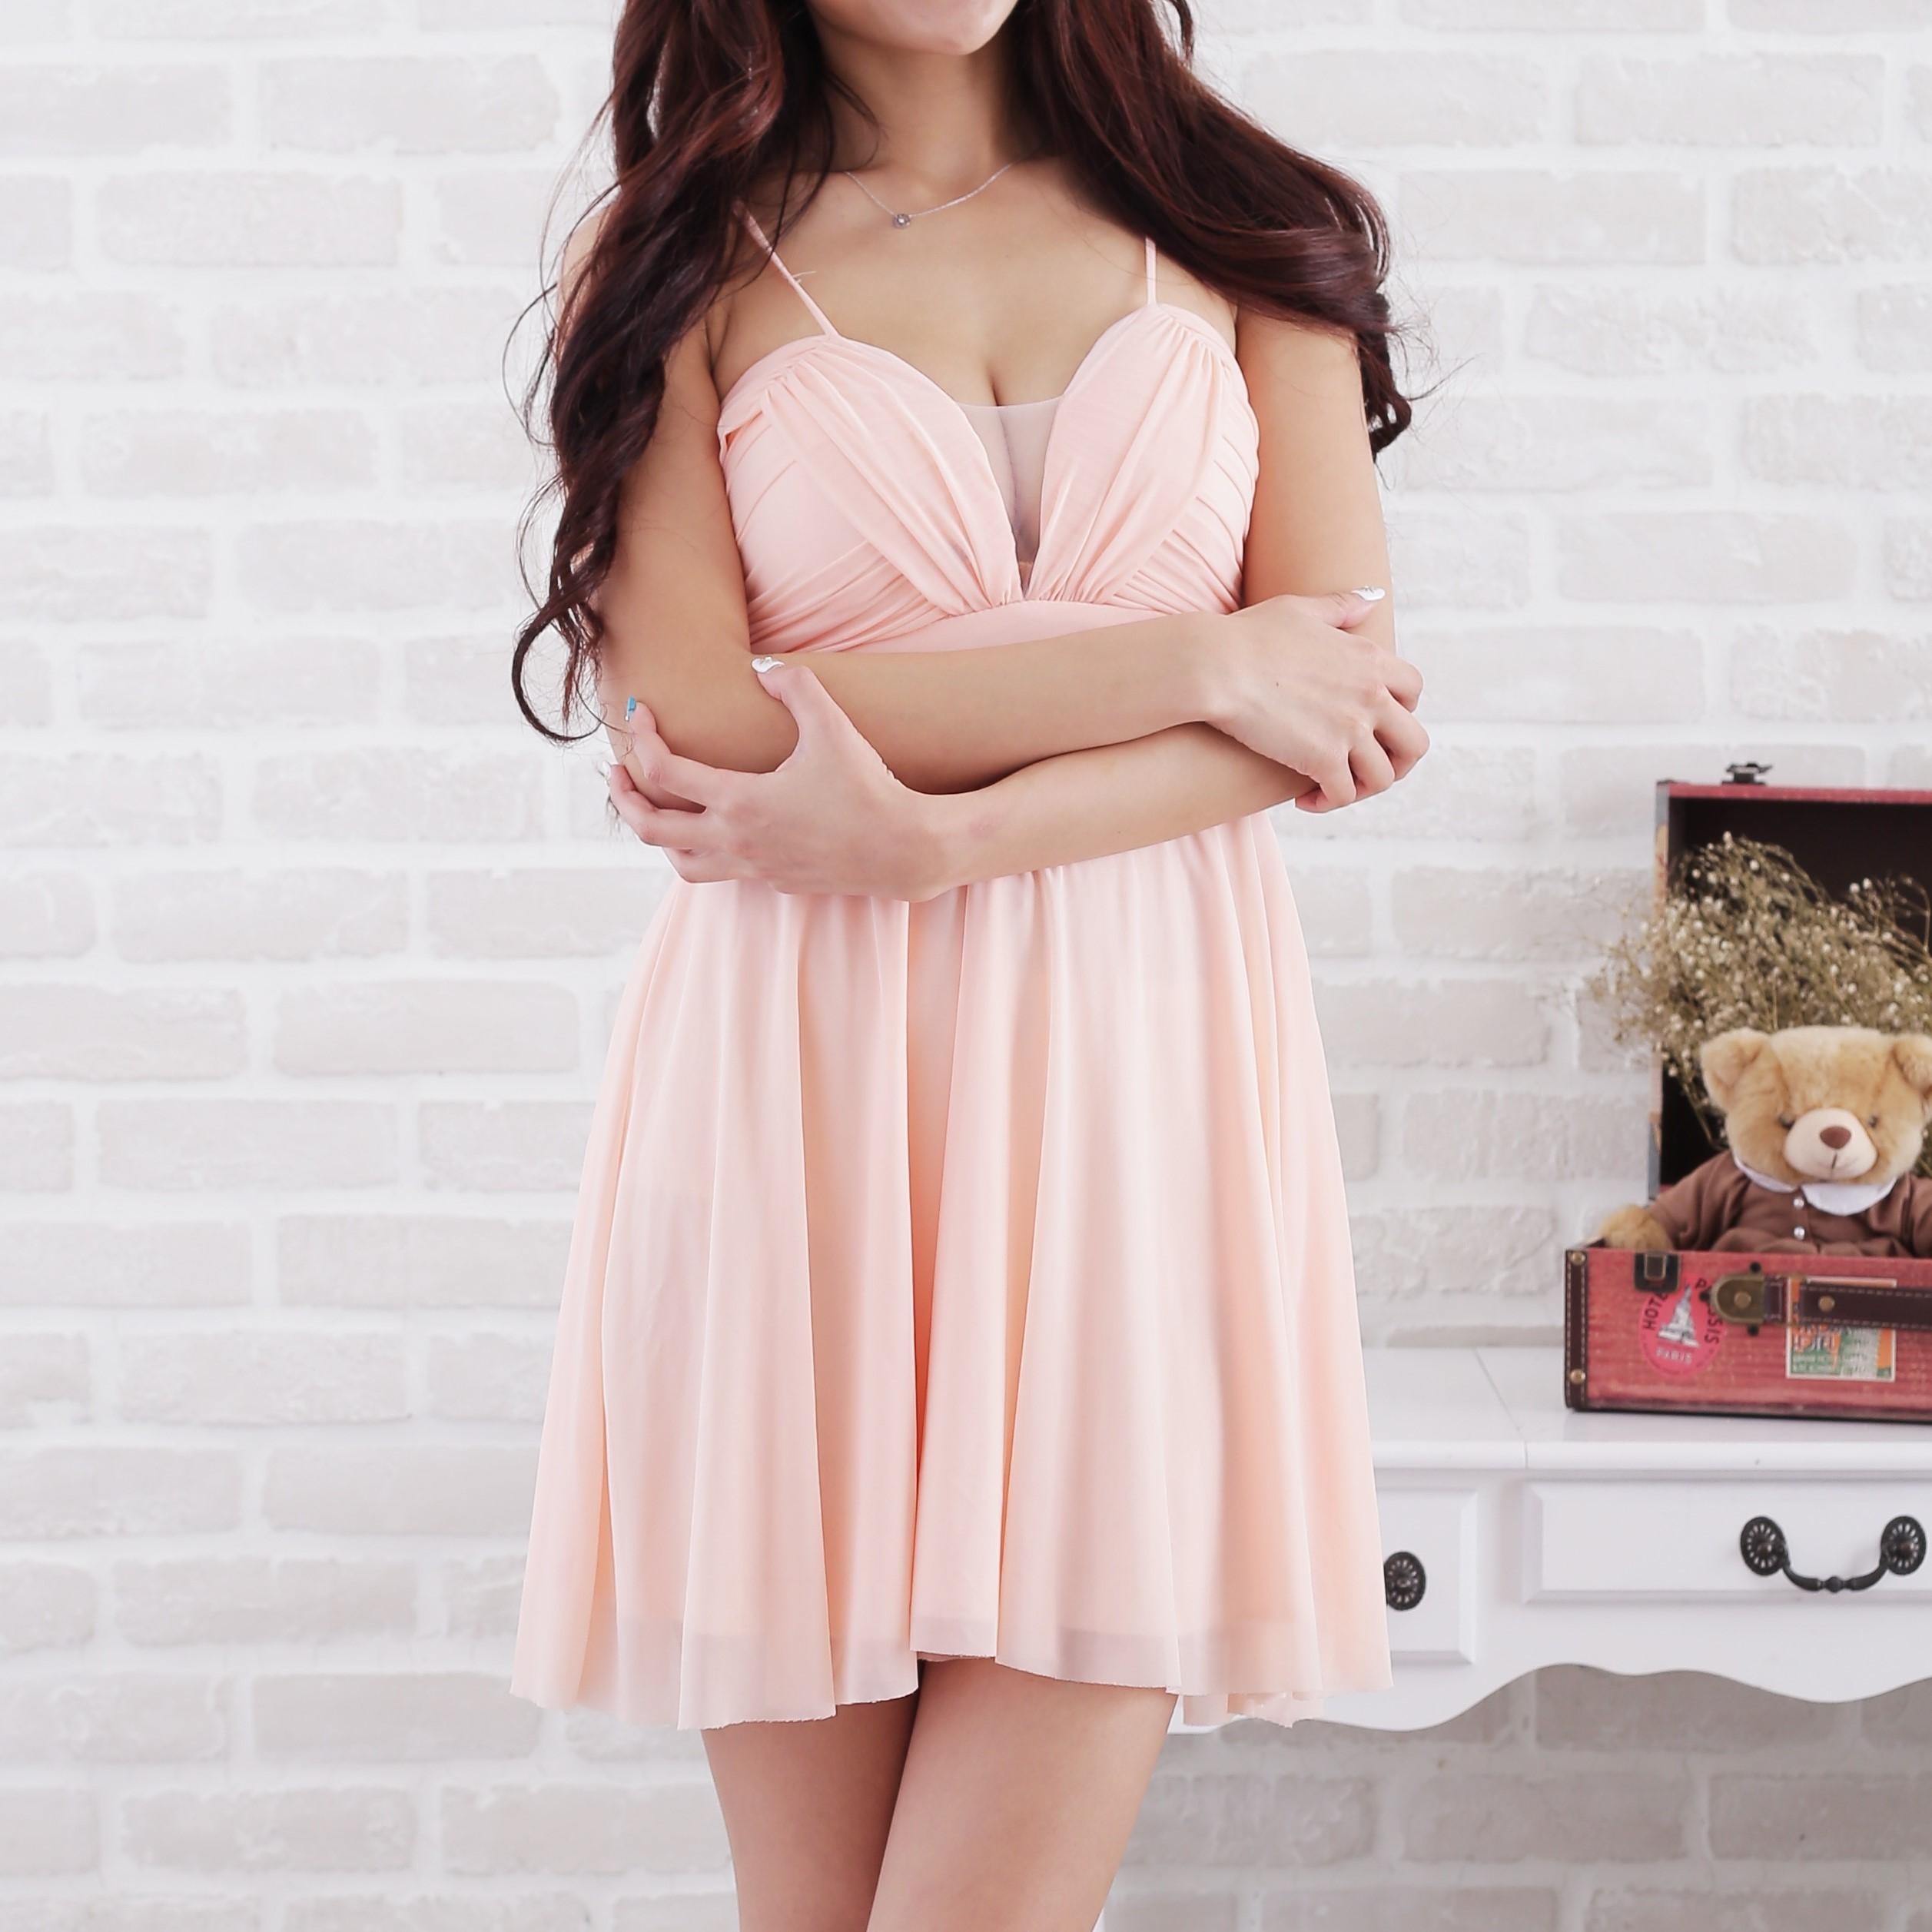 ピンクの服を着た女性